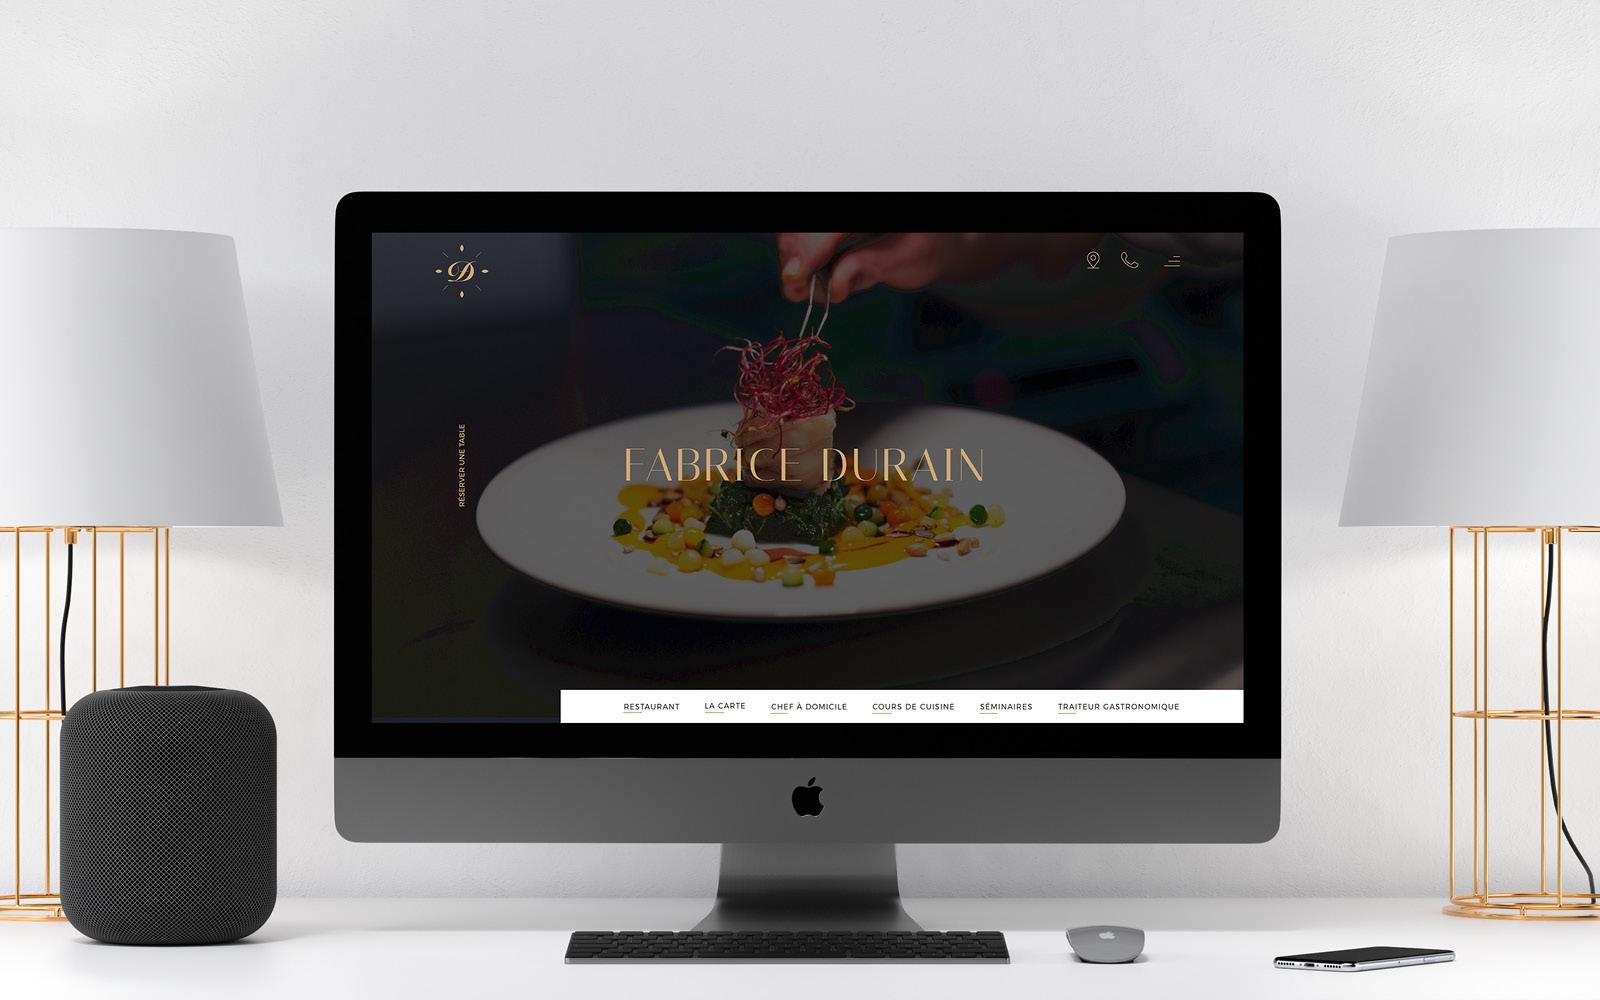 Fabrice durain – site – restaurant